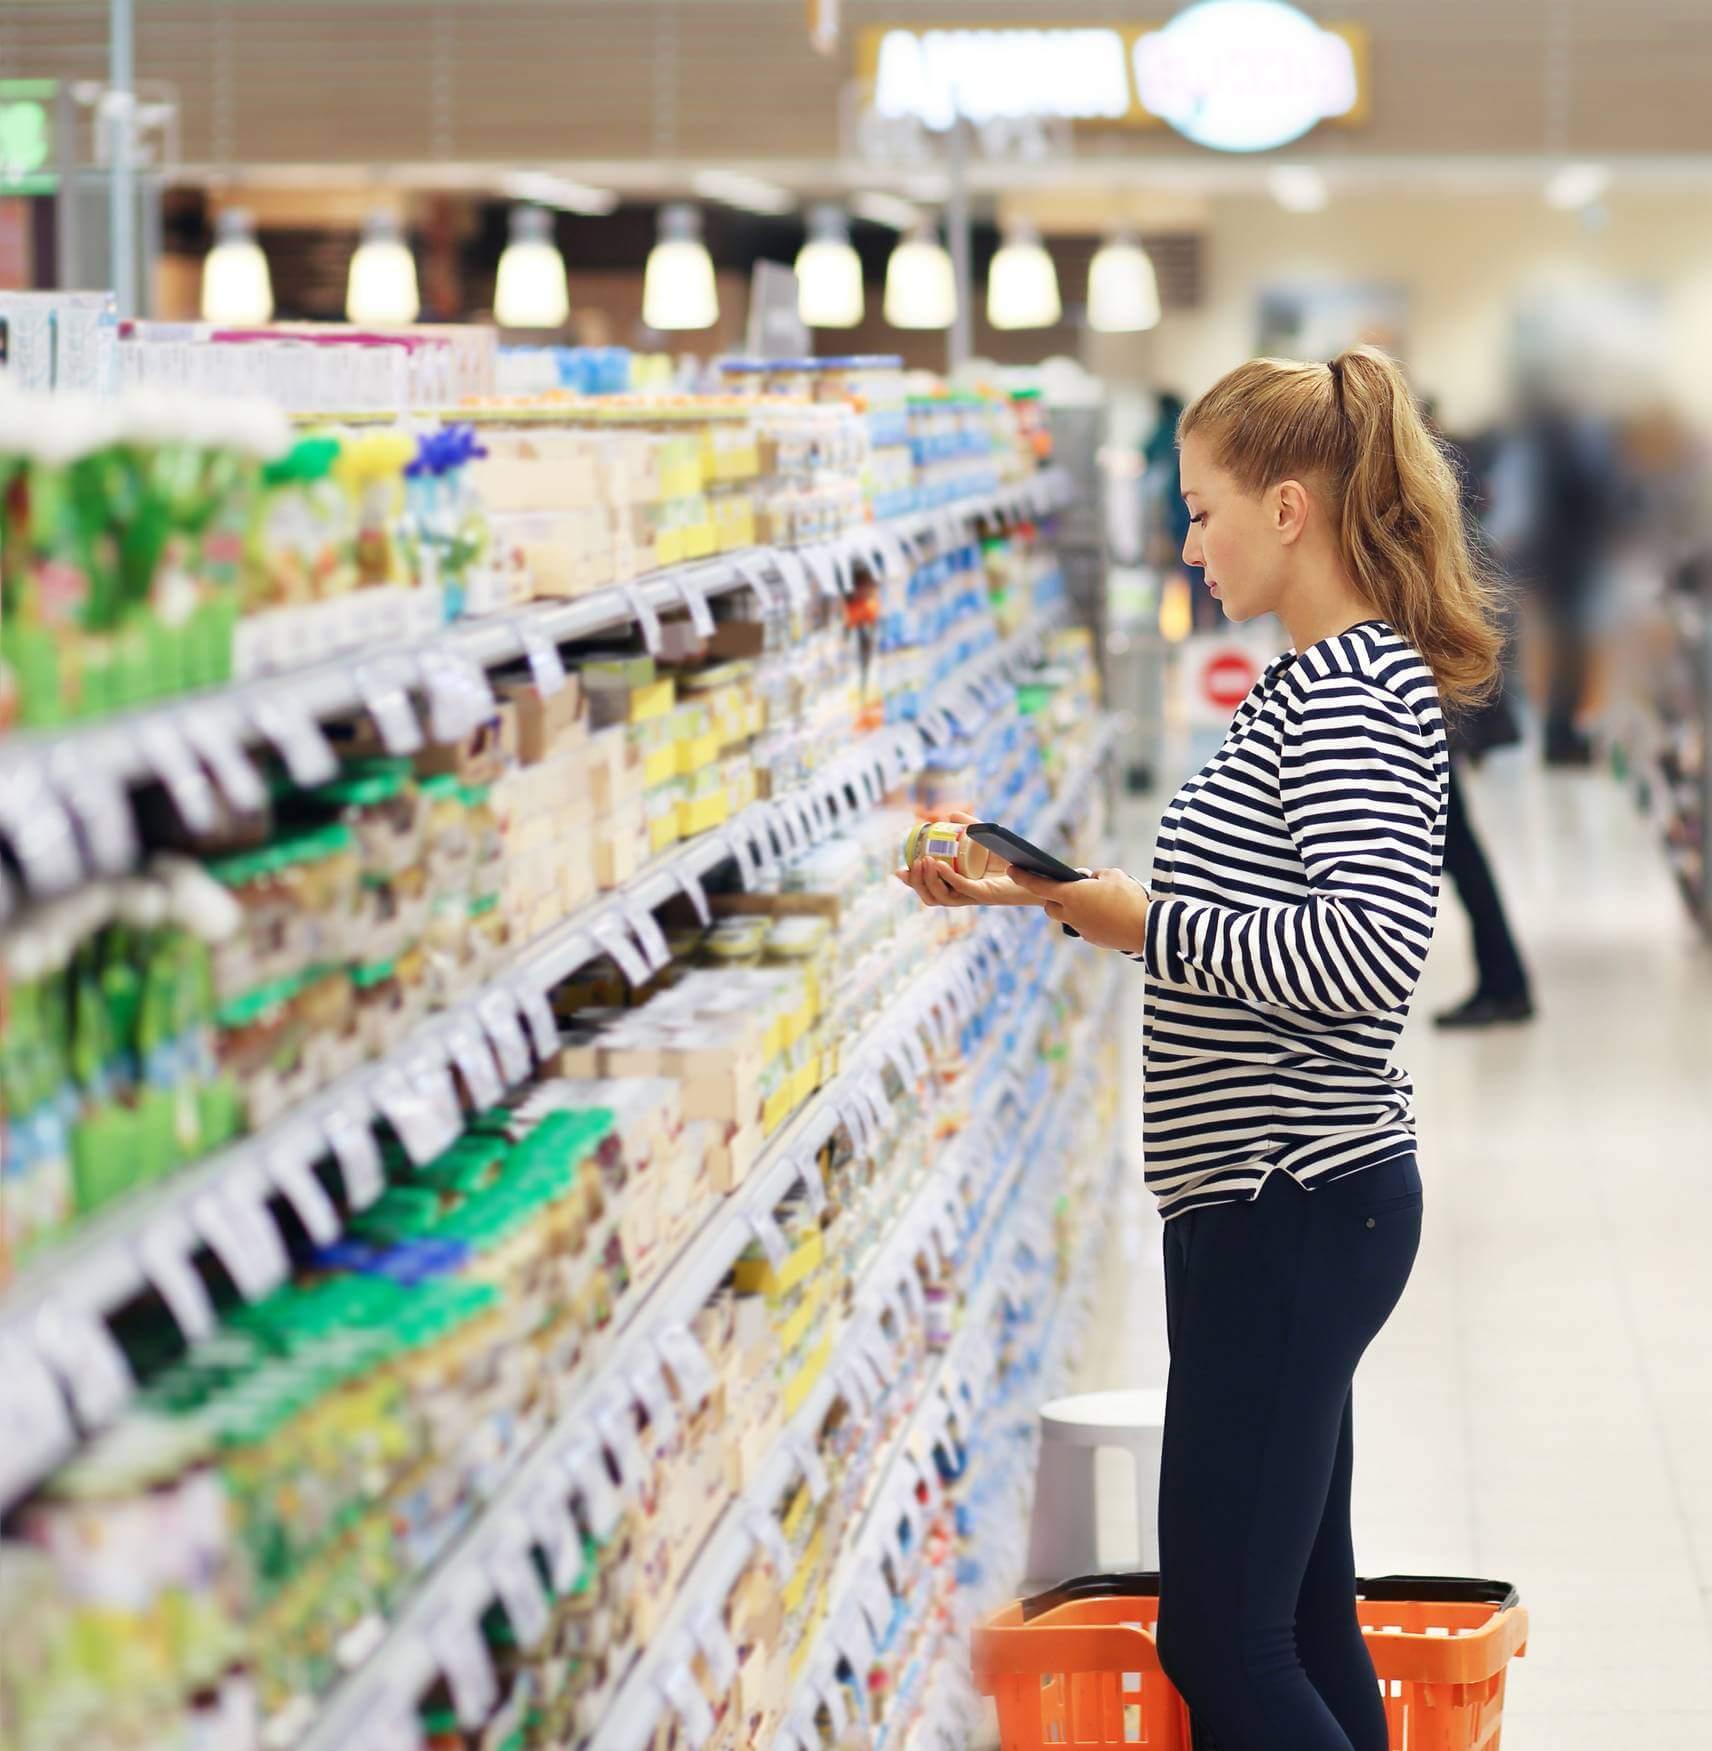 img-equiper-sa-boutique-de-produits-biologiques